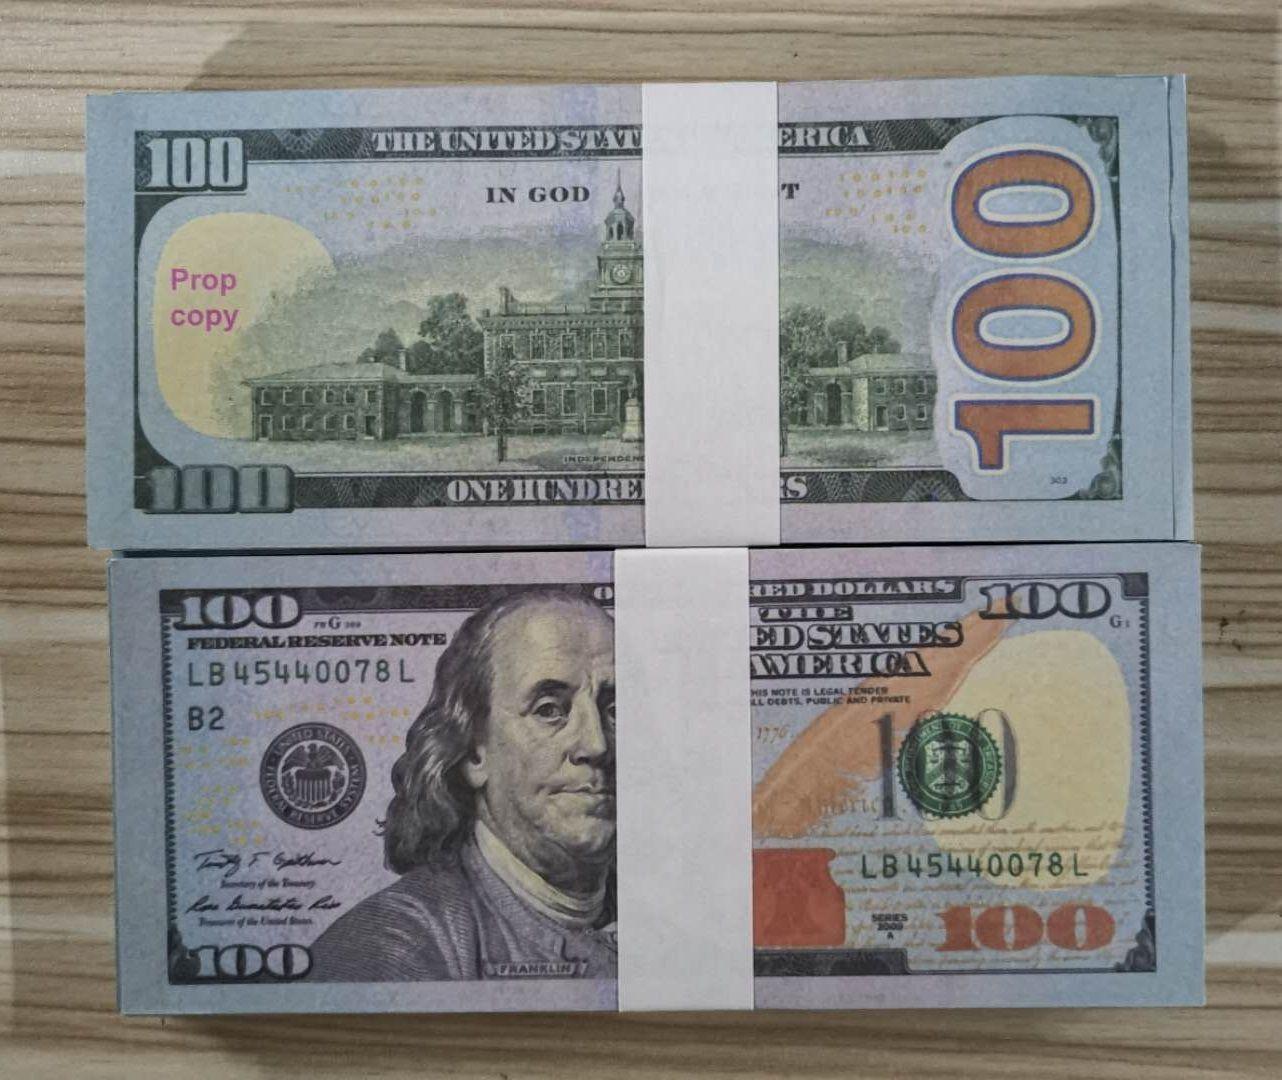 USA-Dollar-Prop-Geld-Geld-Banknoten-Papier-Neuheit Spielzeug 20 50 100 Dollar-Währung-Party Fake Geld Kinder Geschenk Spielzeug Banknote 19